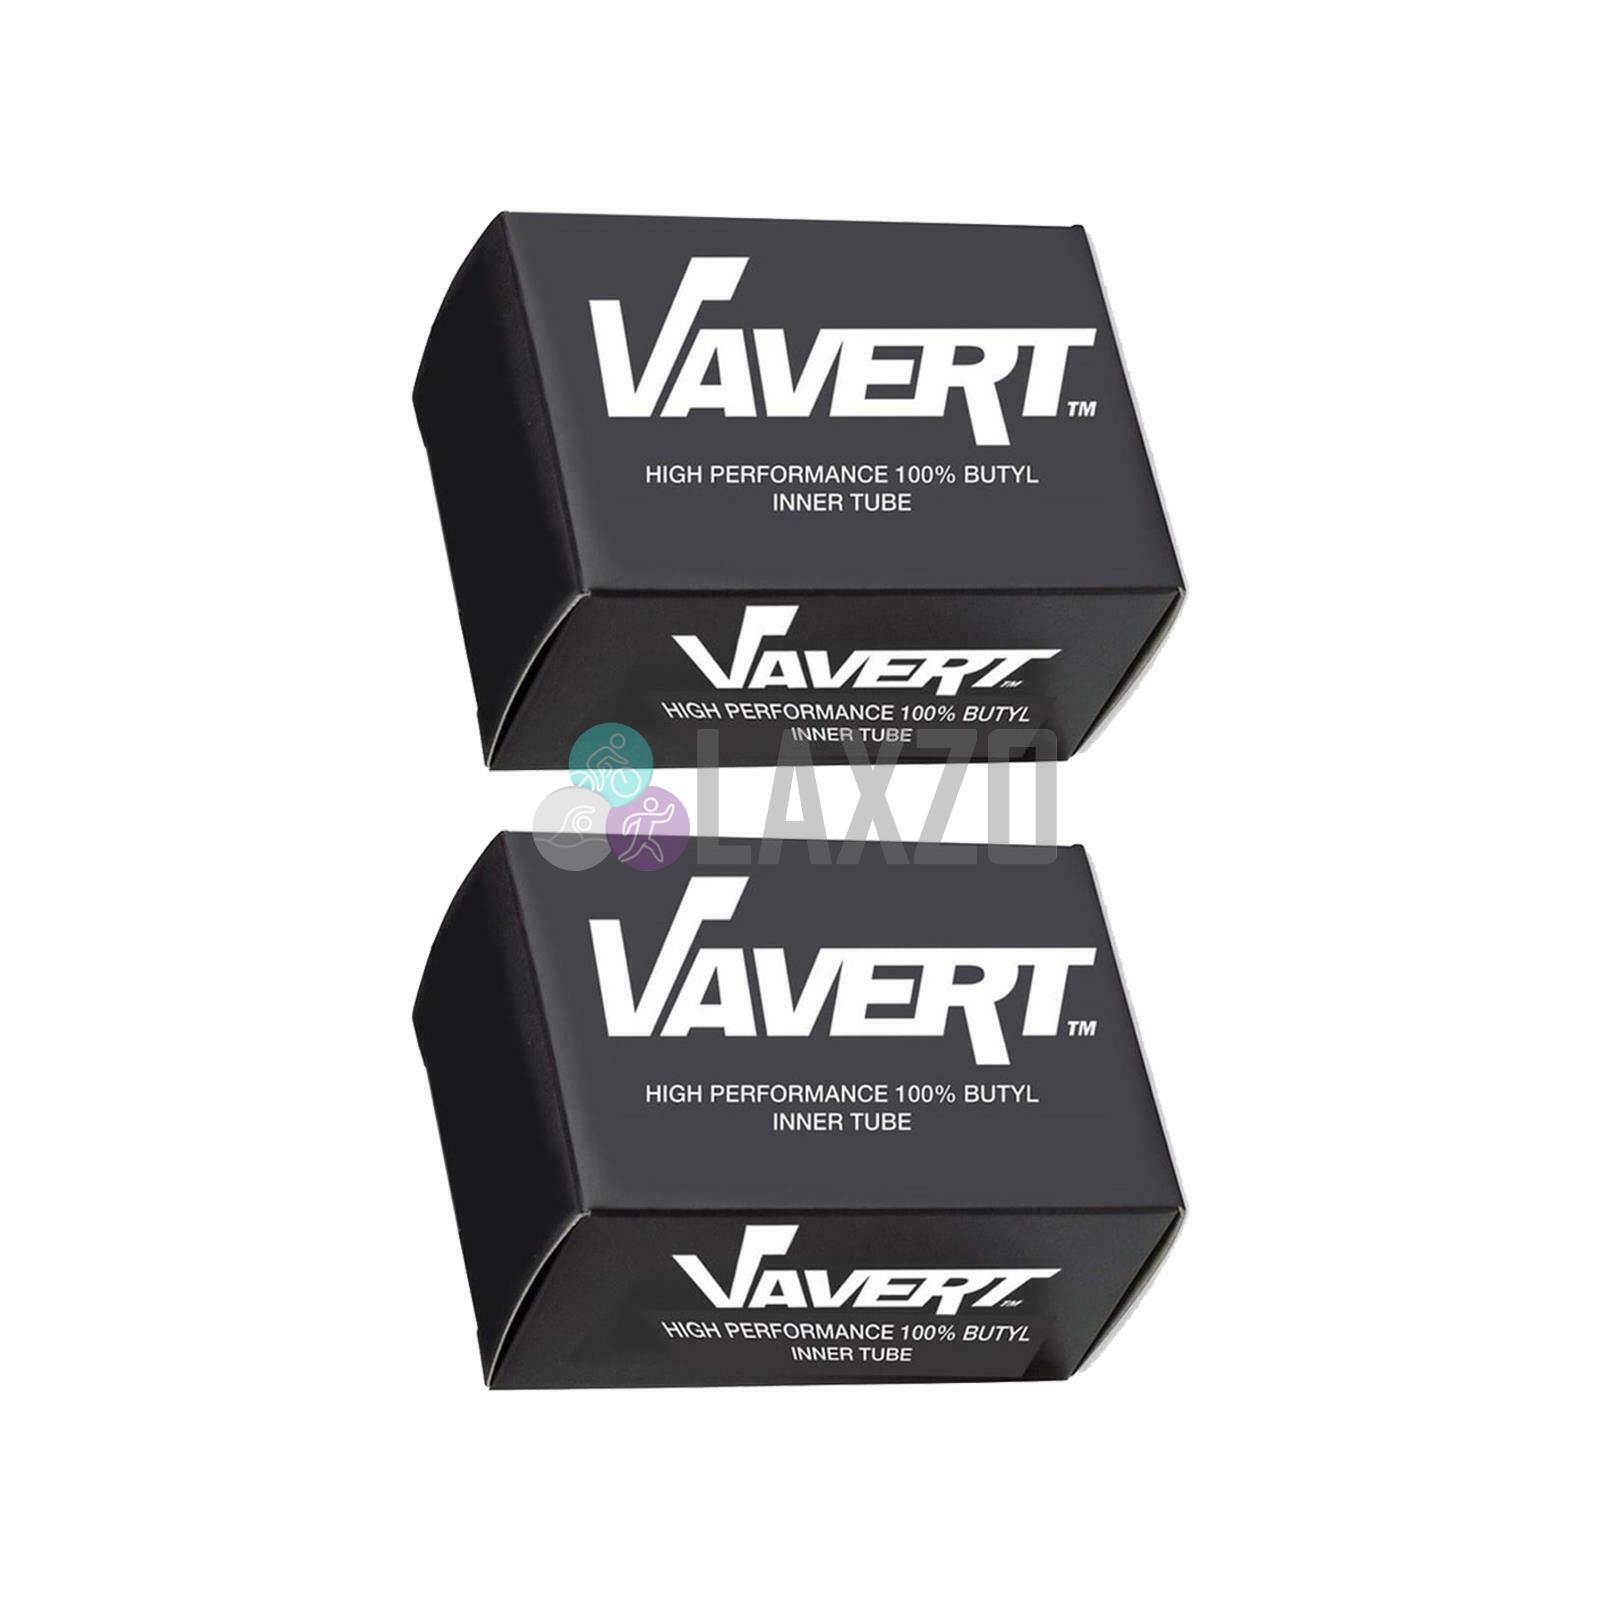 26 x 2.125-2.6 2 x Vavert Road Racing Hybrid Bike Presta 40mm Inner Tubes